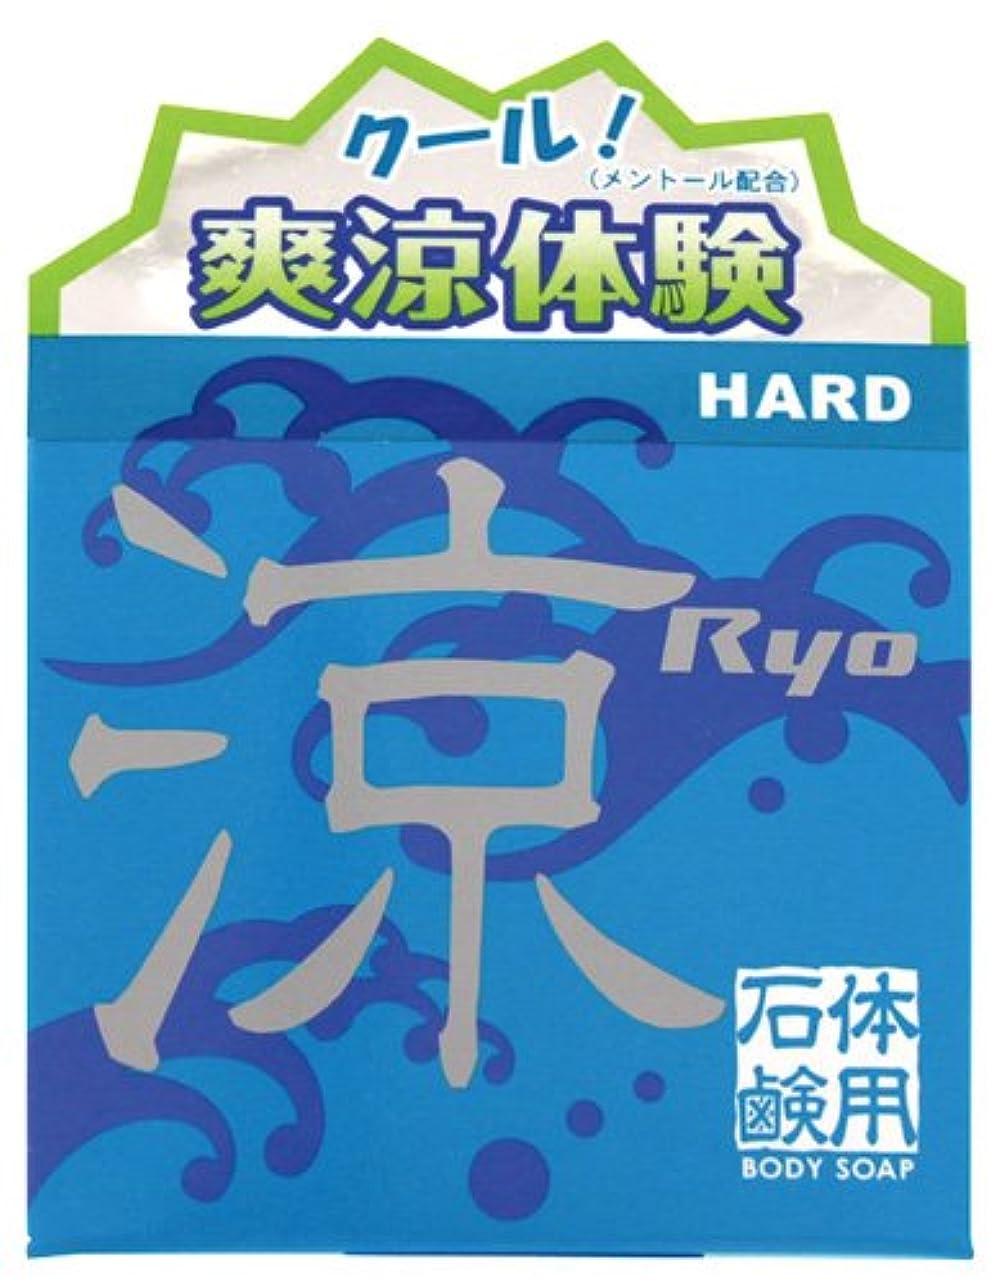 人気融合アンプ涼ハード石鹸 100g